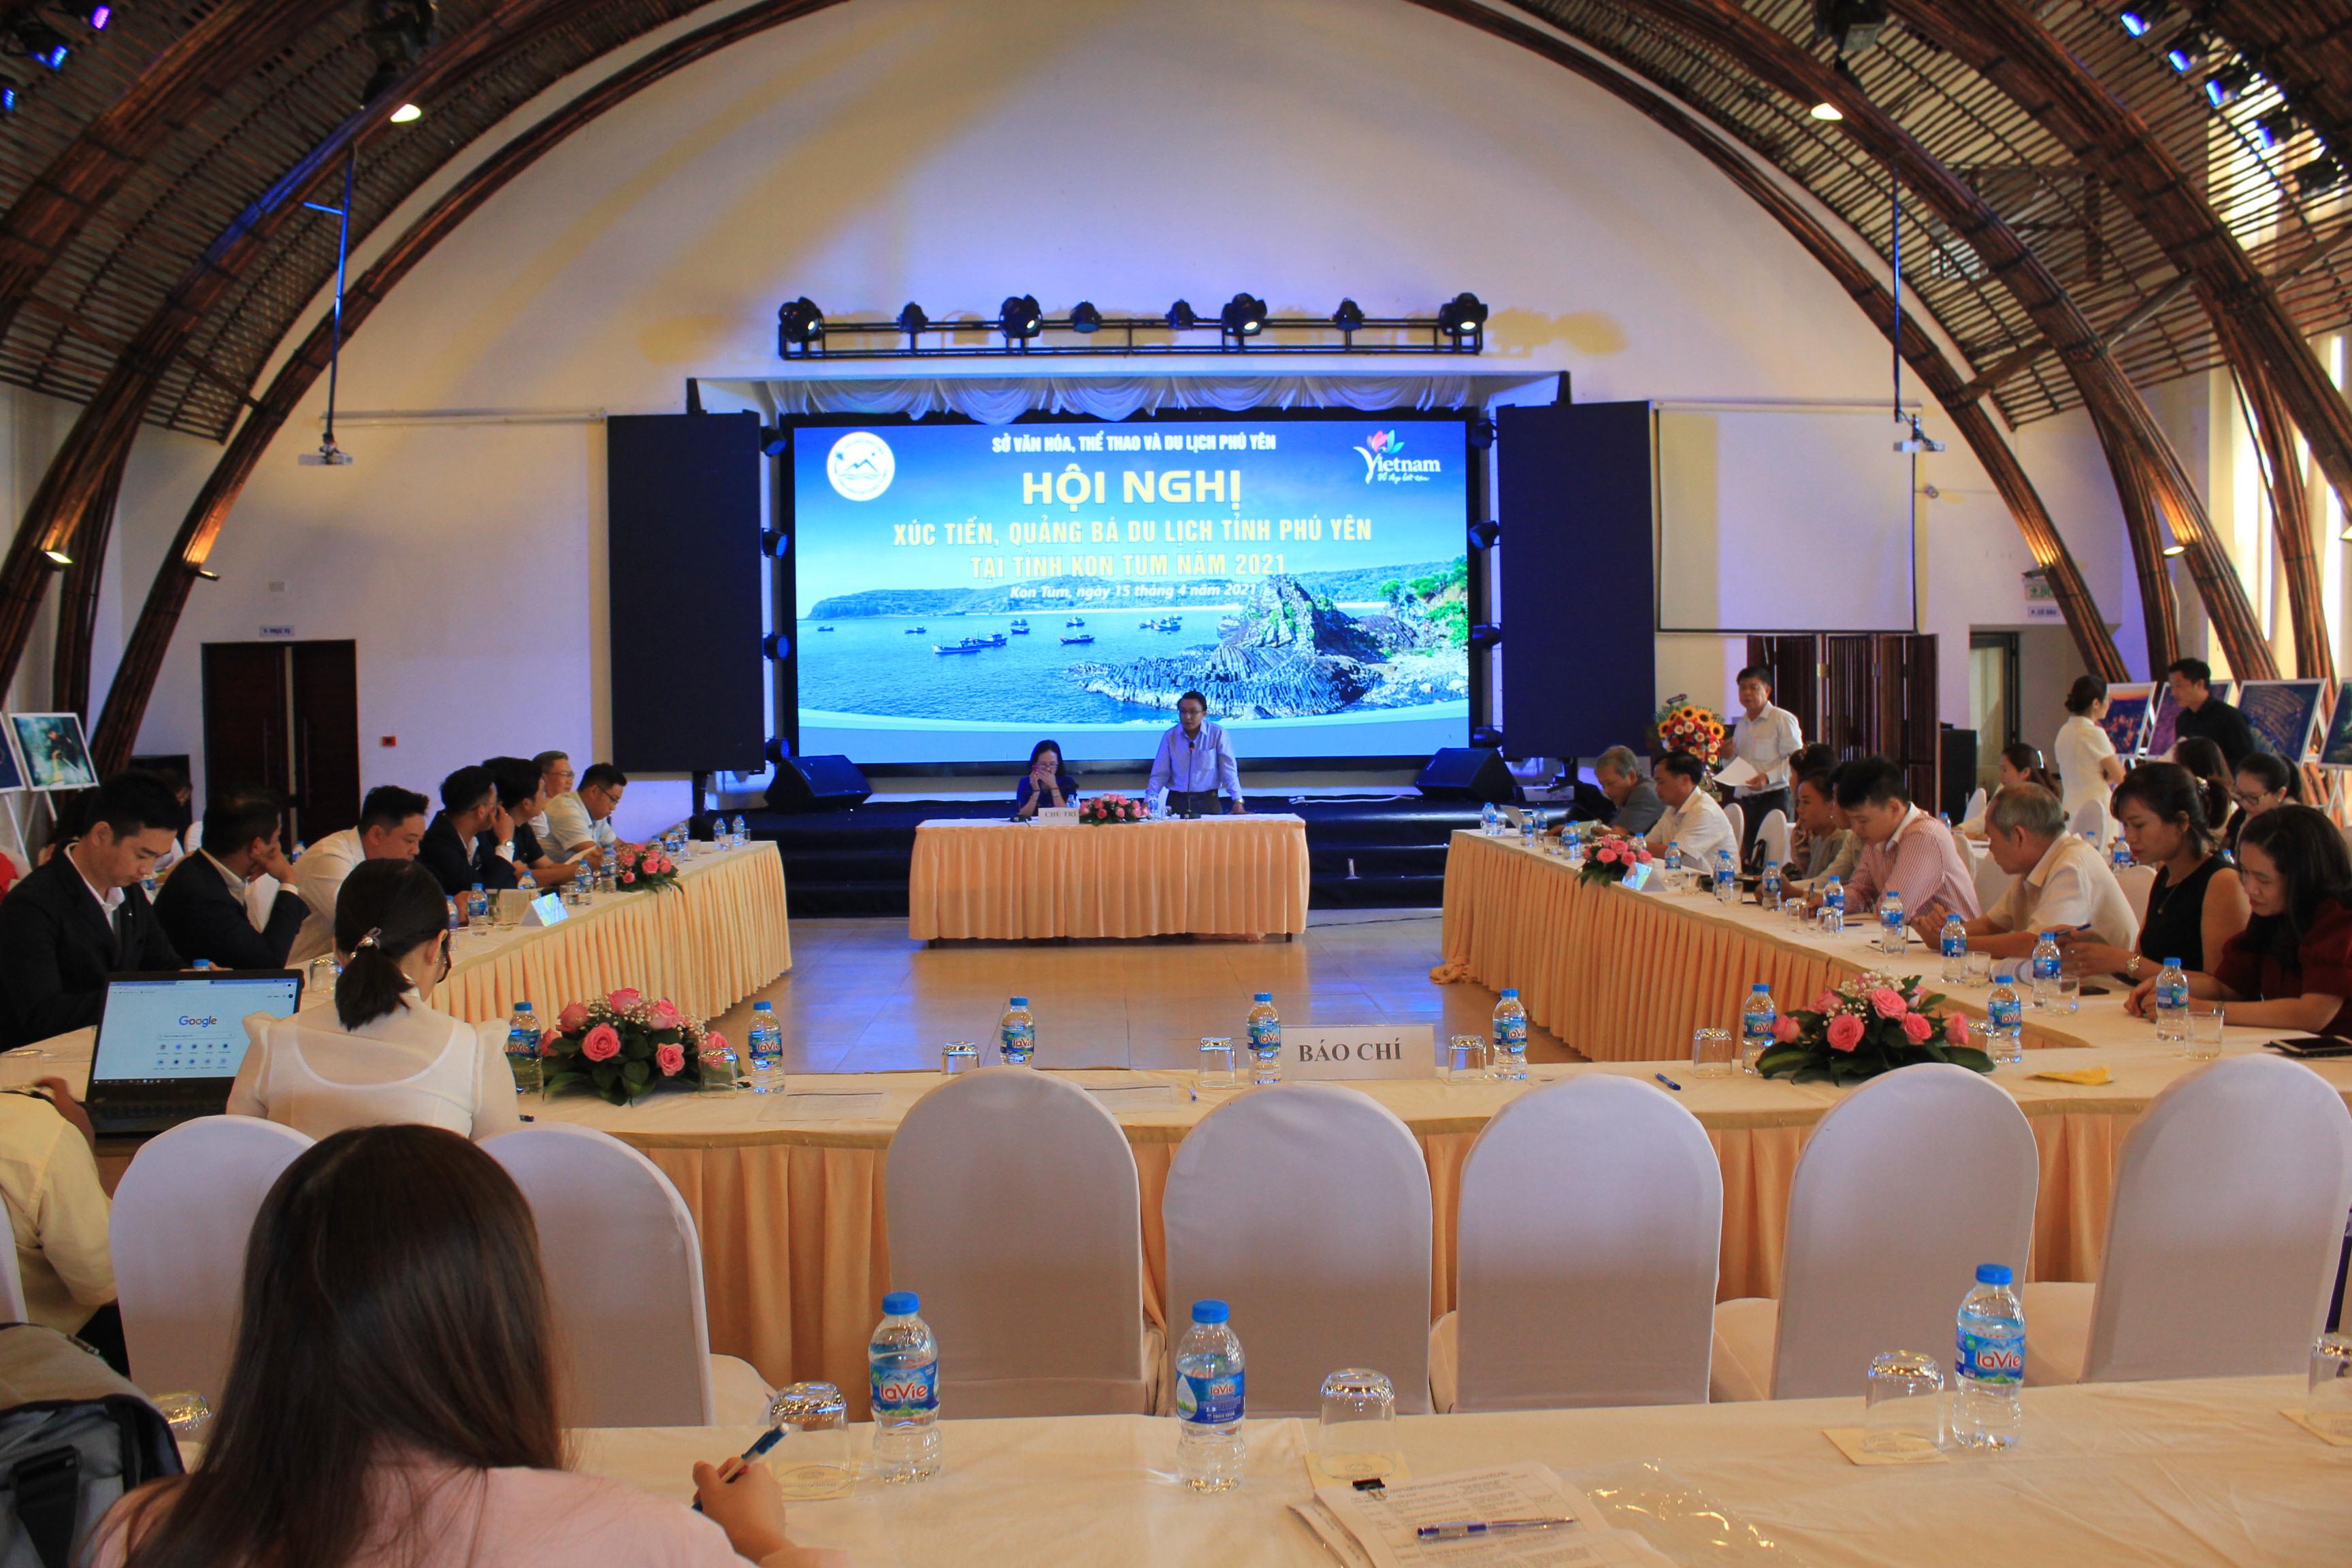 Phú Yên triển khai chương trình xúc tiến du lịch tại Kon Tum